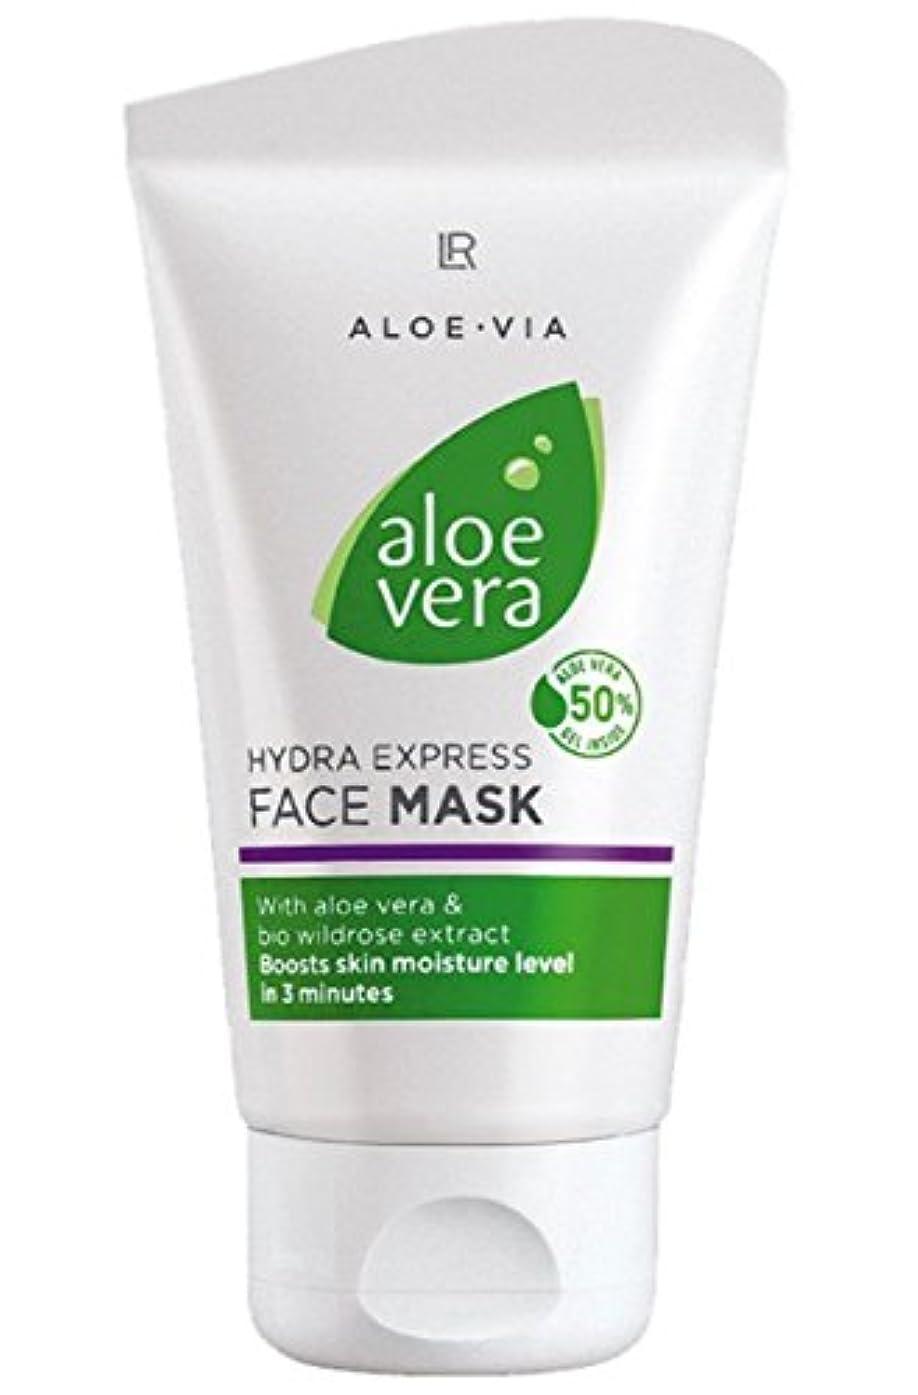 L R アロエベラ顔ヒアルロン酸、シアバター、オリーブオイルとアロエ?ベラ(50%)75 mlでマスク集中水和マスク